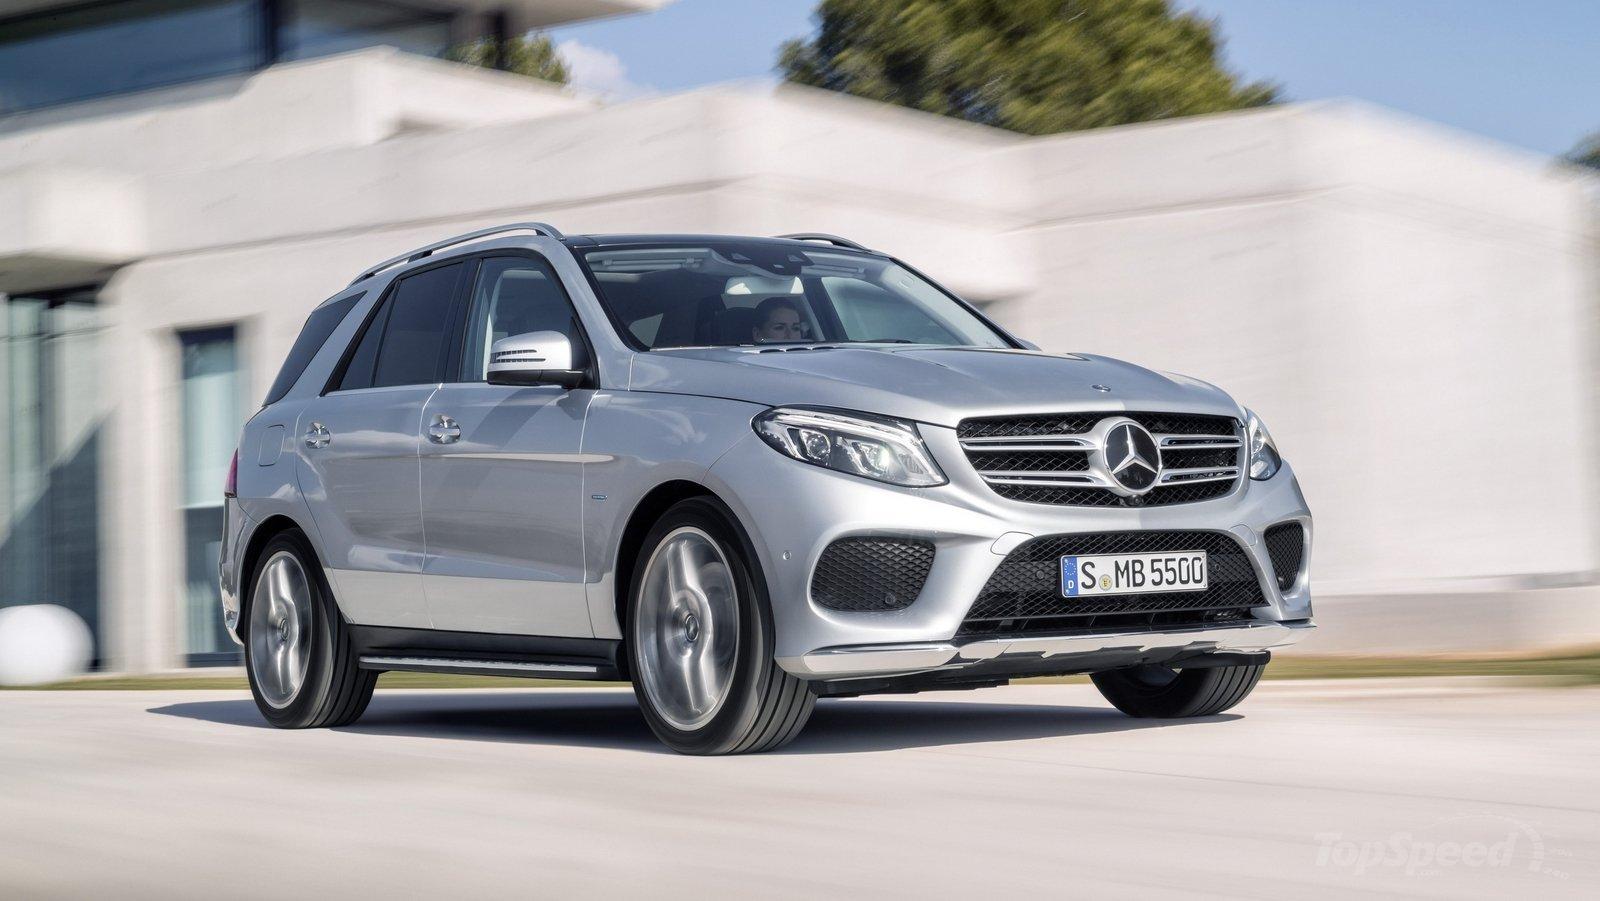 Động cơ của Mercedes-Benz GLE 2016 ấn tượng không kém đối thủ